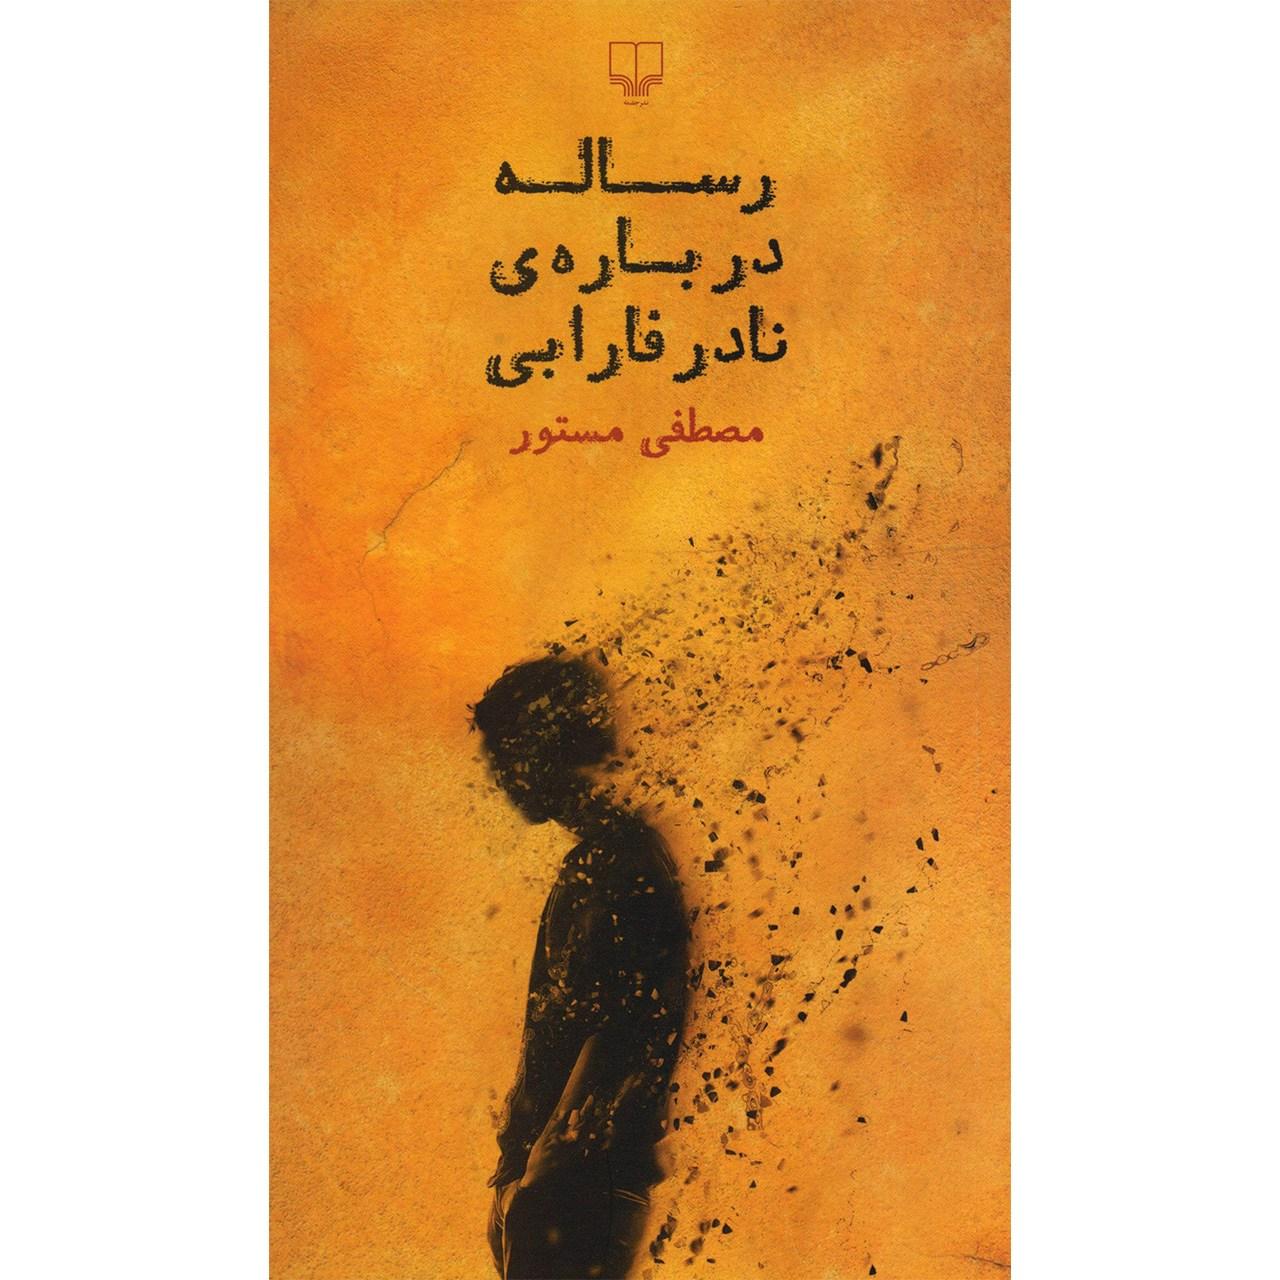 کتاب رساله درباره نادر فارابی اثر مصطفی مستور